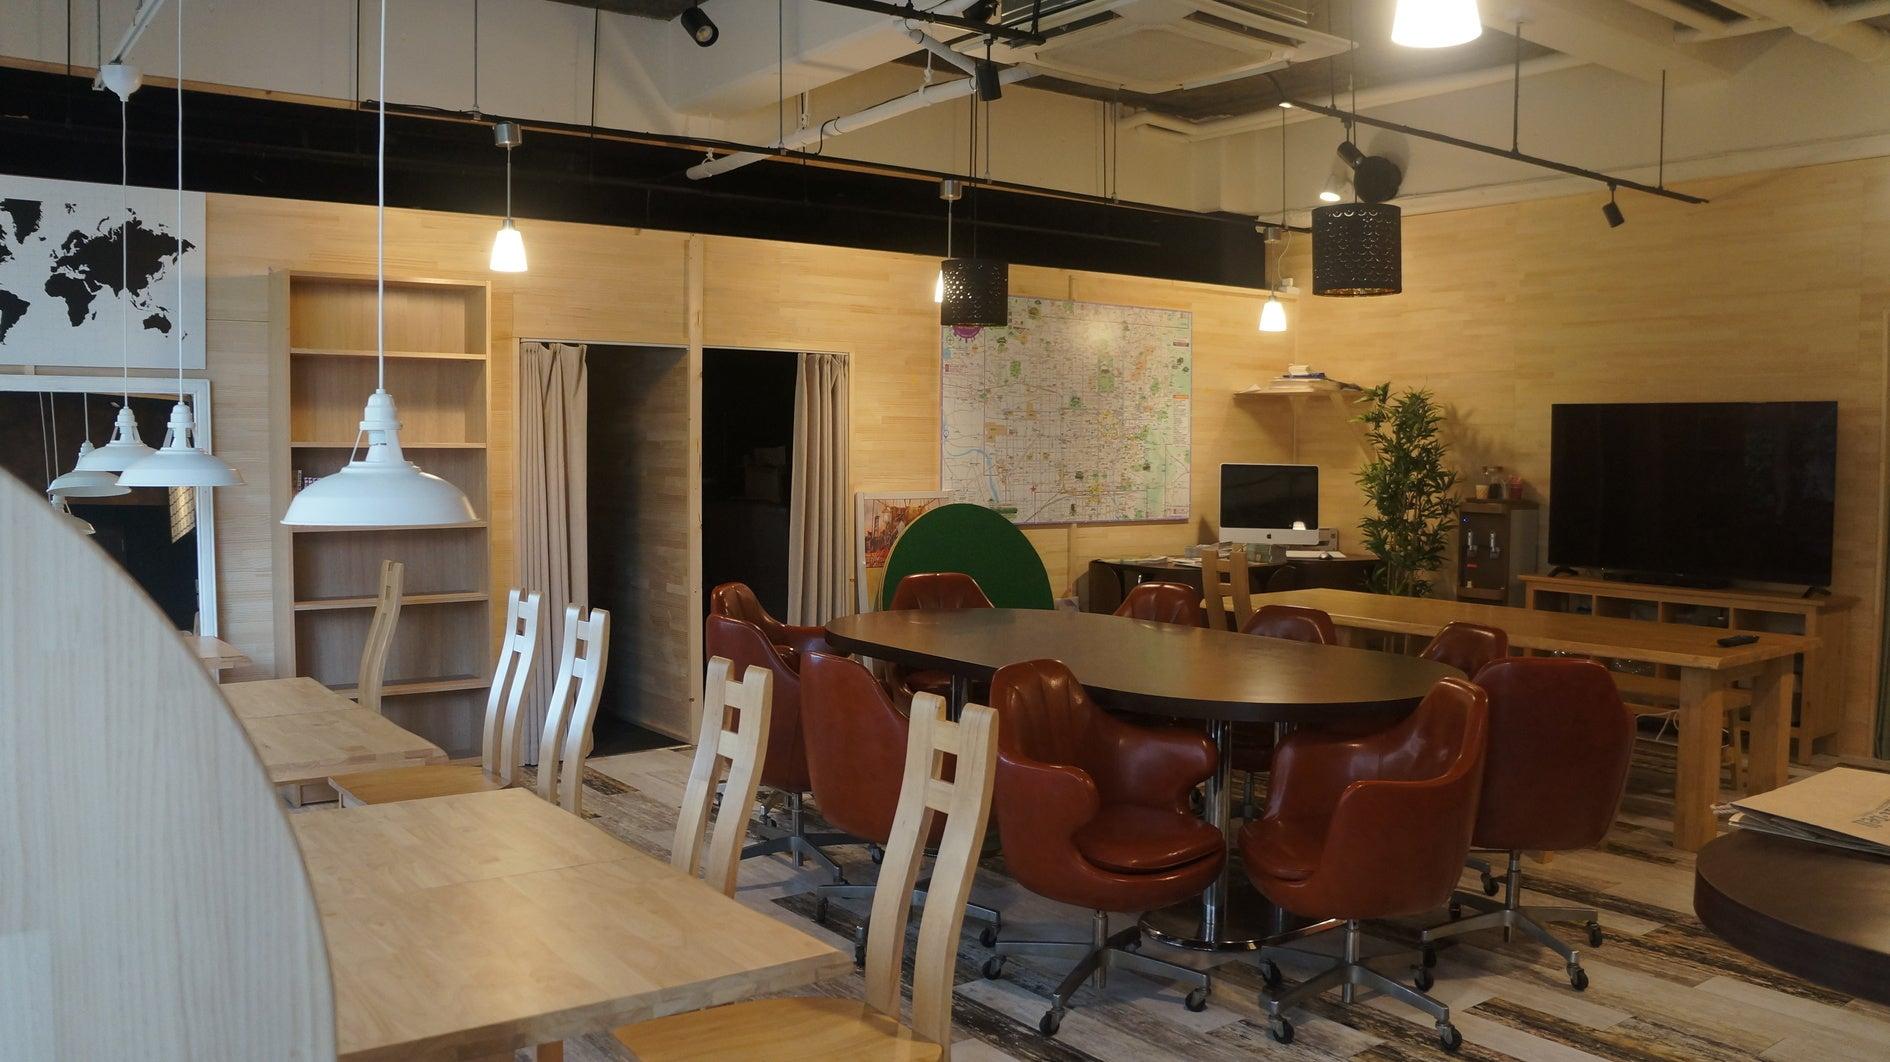 京都駅すぐ☆キッチン付きカフェをまるまる貸切☆最大40人利用可能(サクラカフェ) の写真0